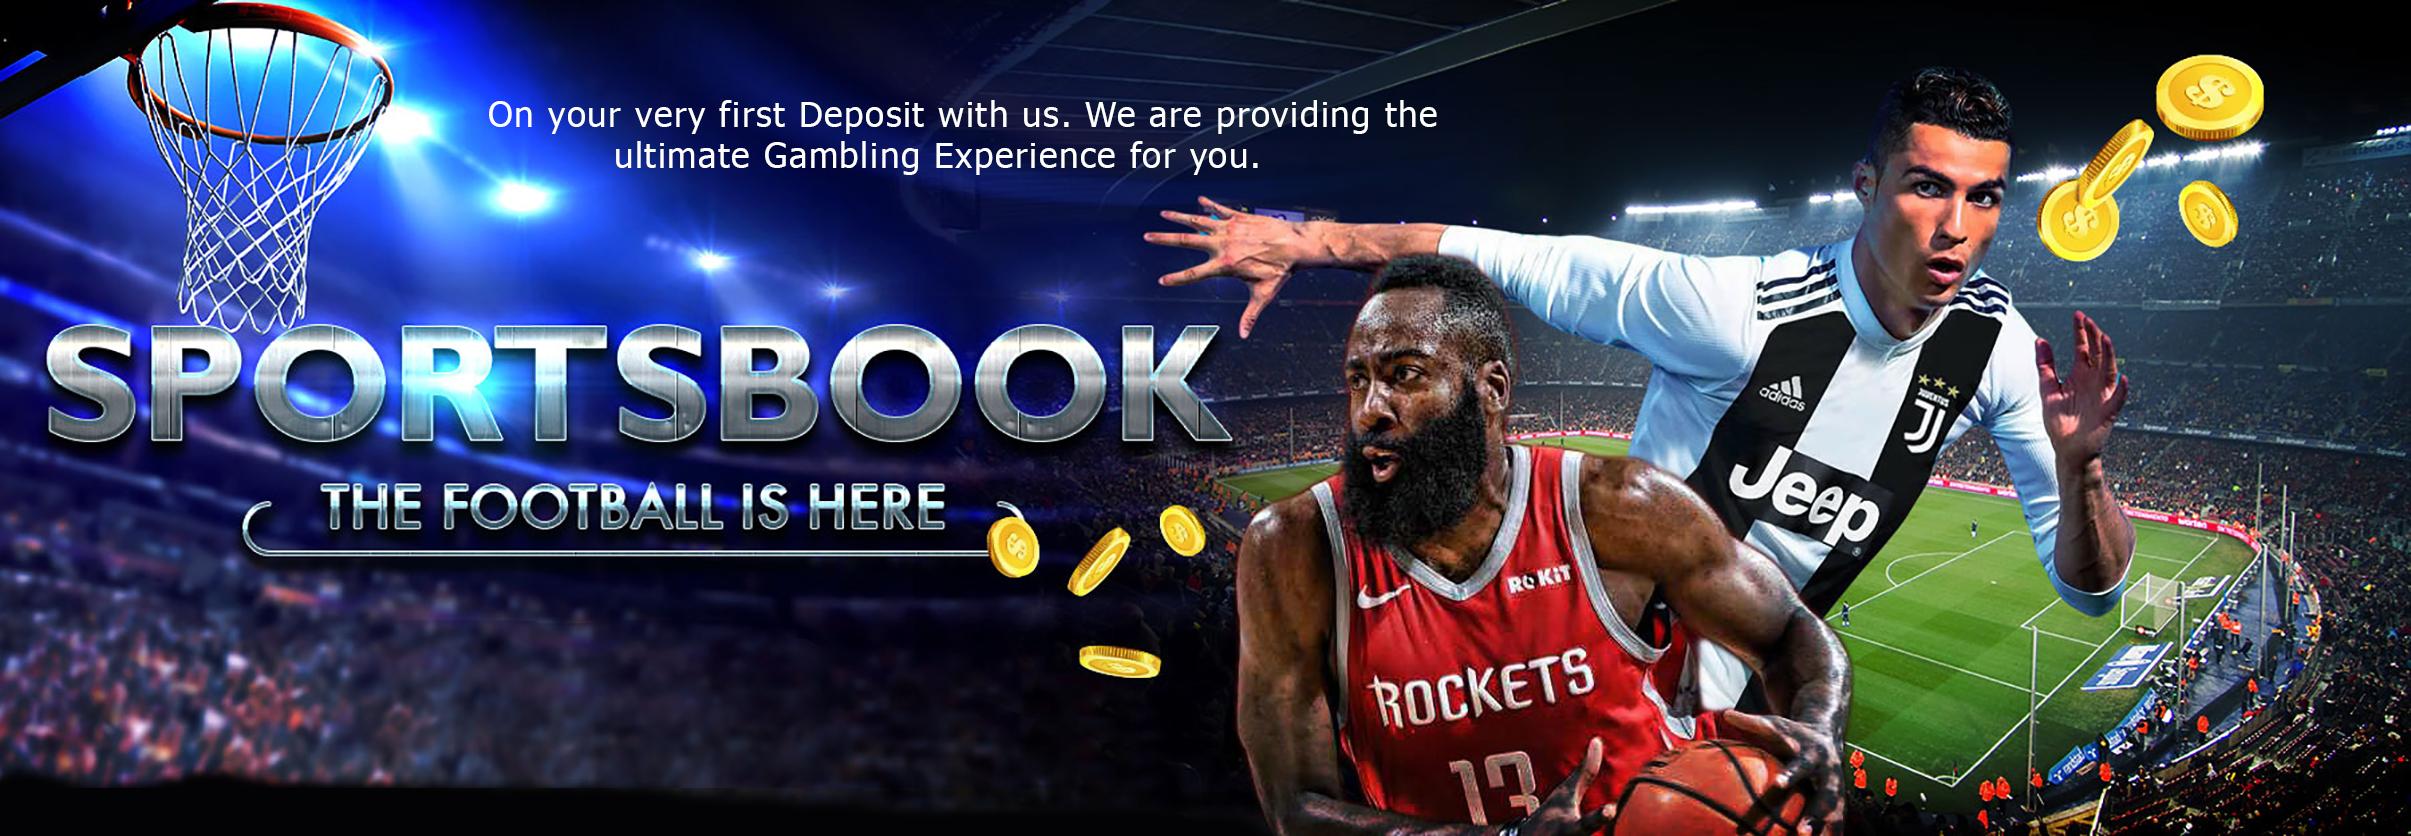 Cara Bermain Sportbooks Di Situs Judi Online Terbaik